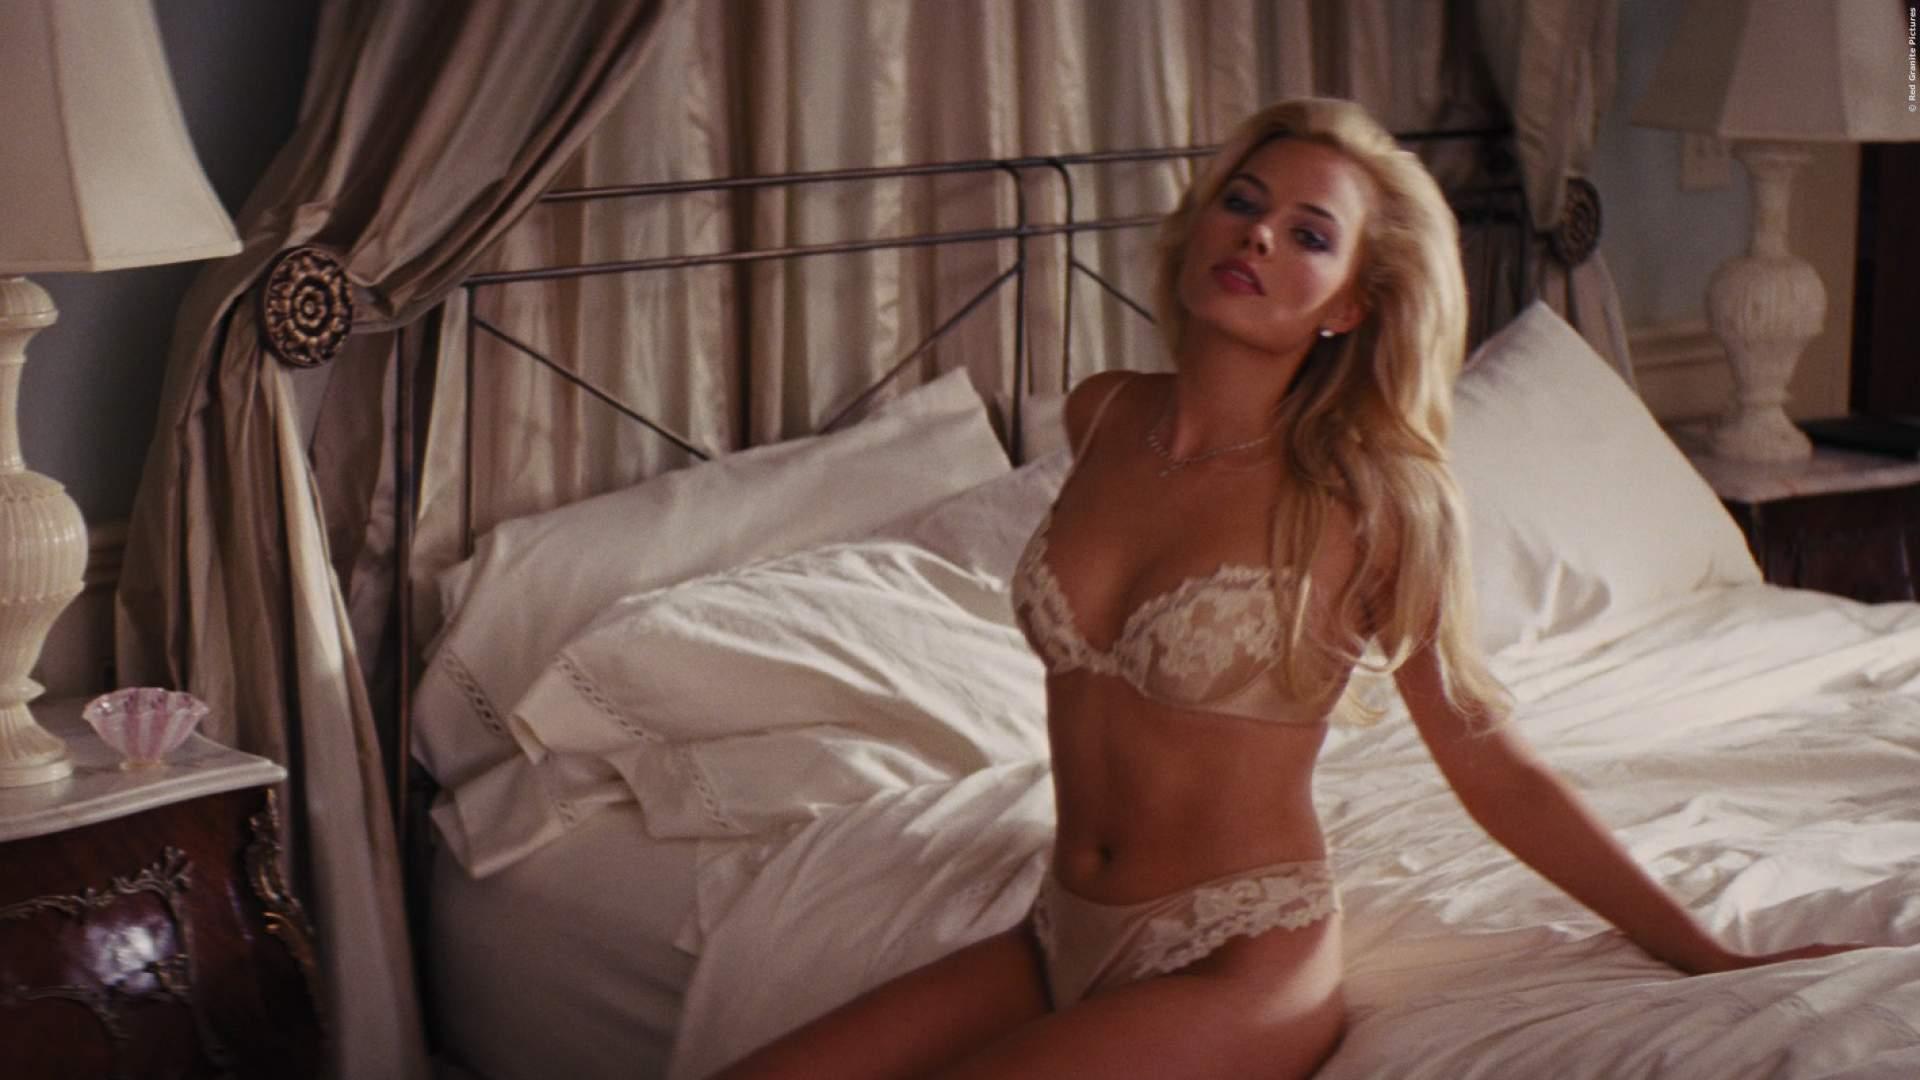 Margot Robbie aus Suicide Squad - Bild 4 von 14